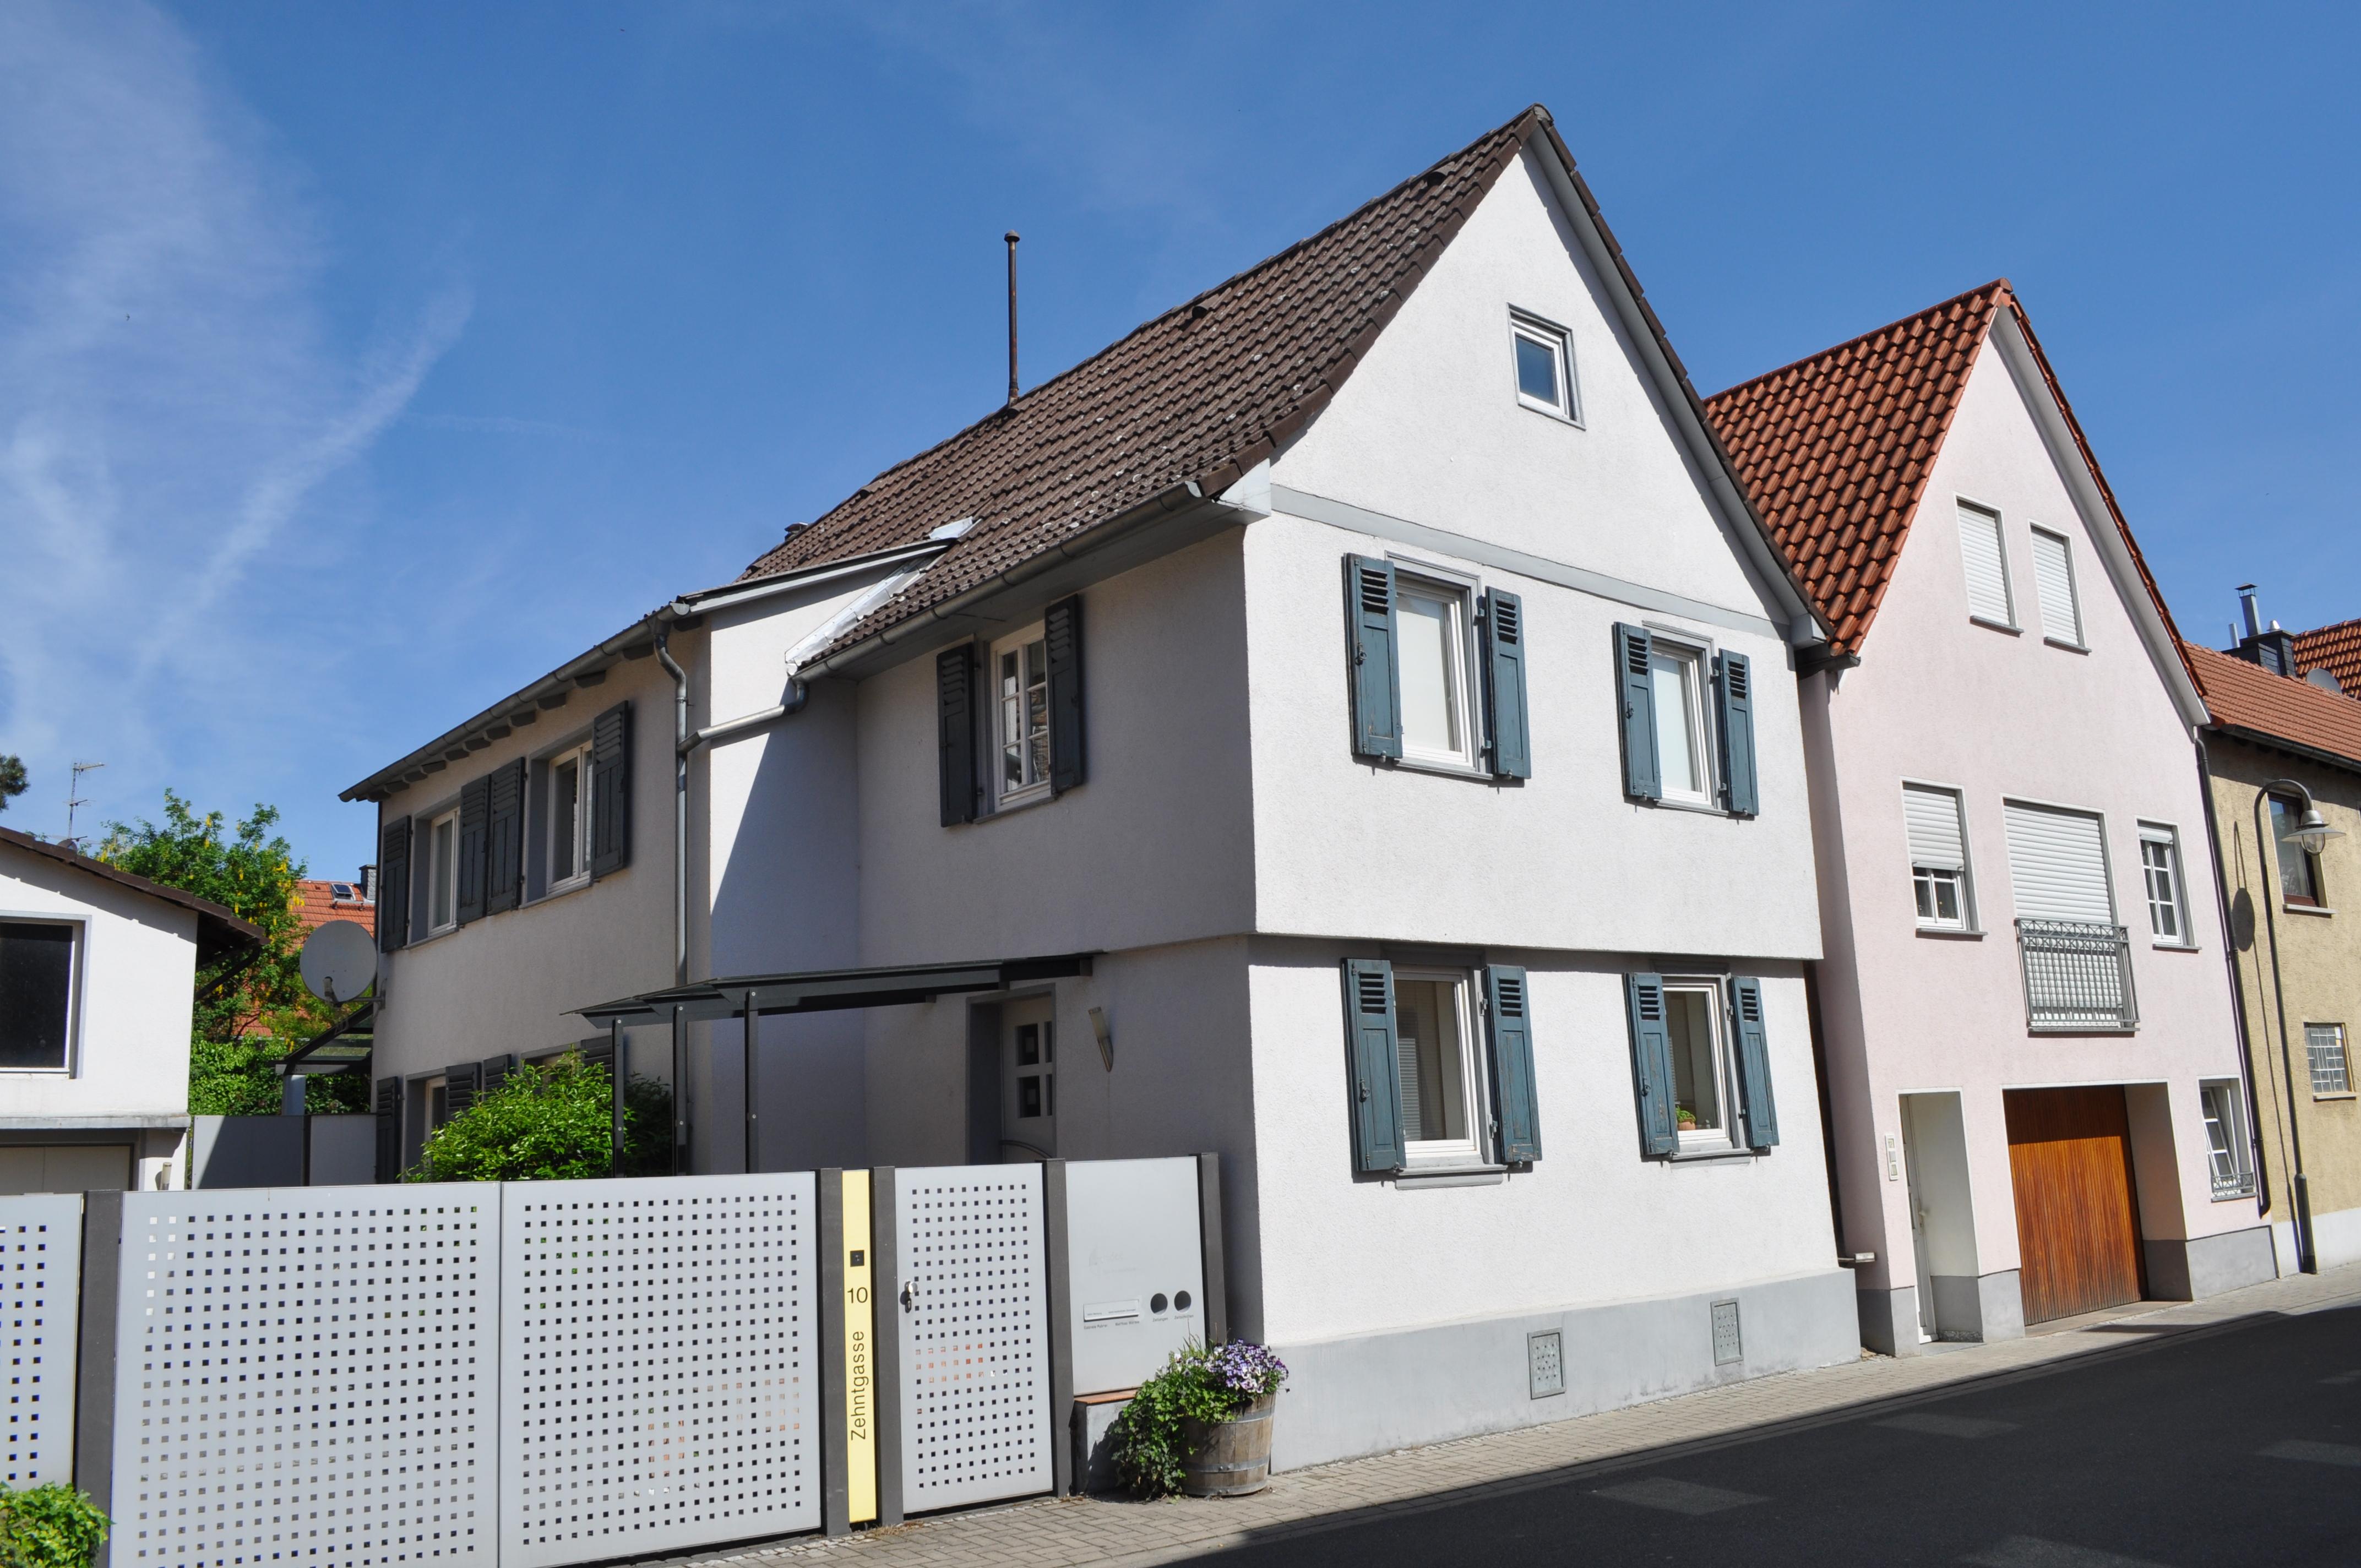 Ober-Eschbach